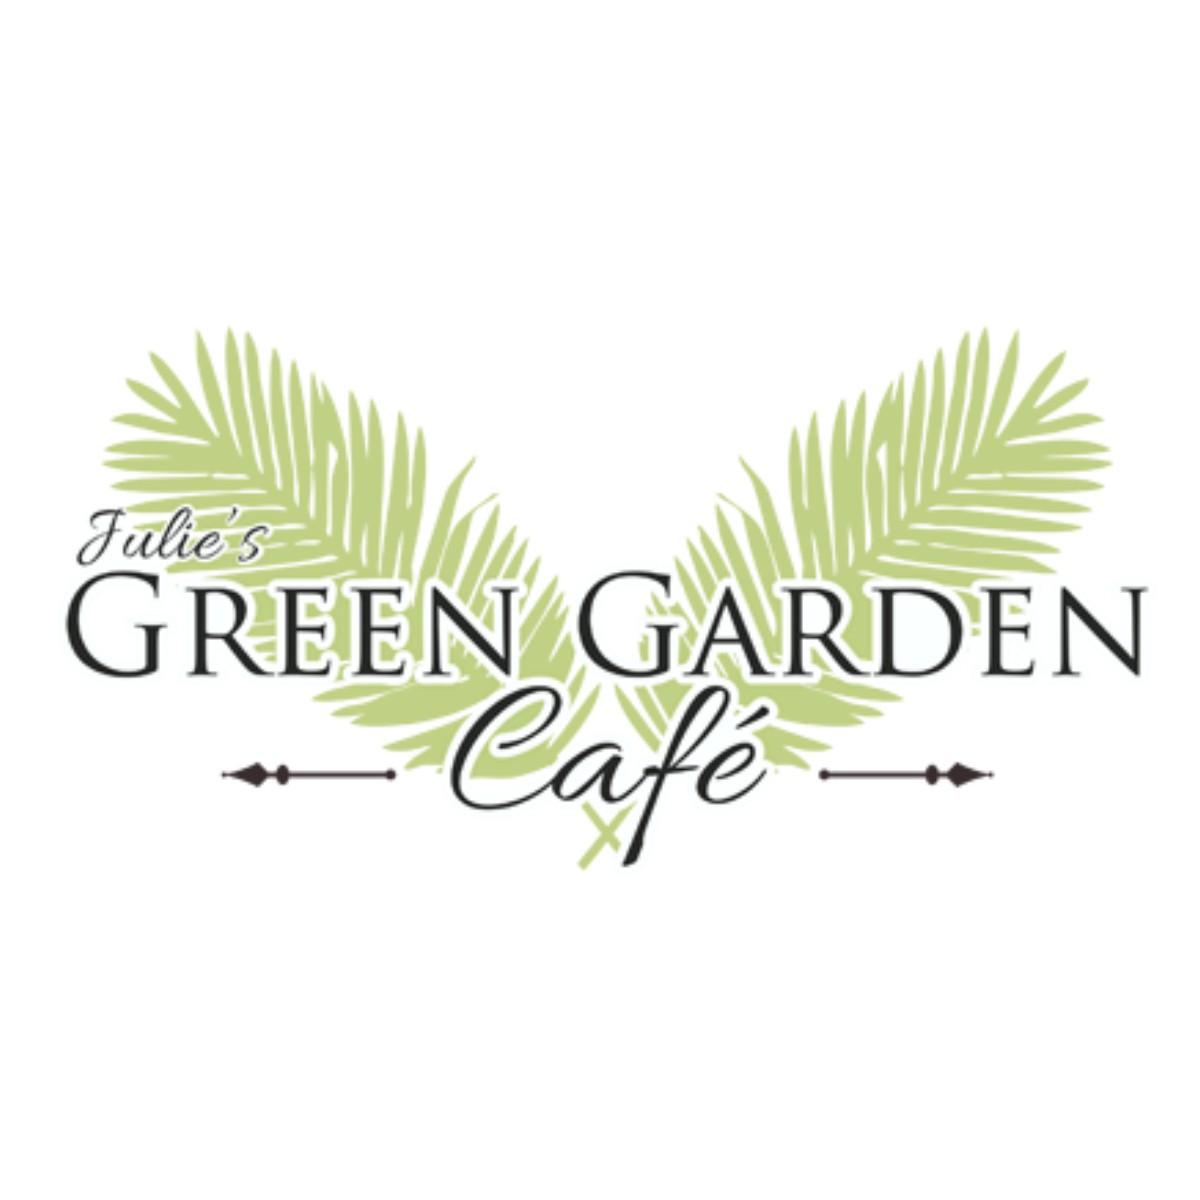 Green Garden Cafe - North Palm Beach, FL - Restaurants